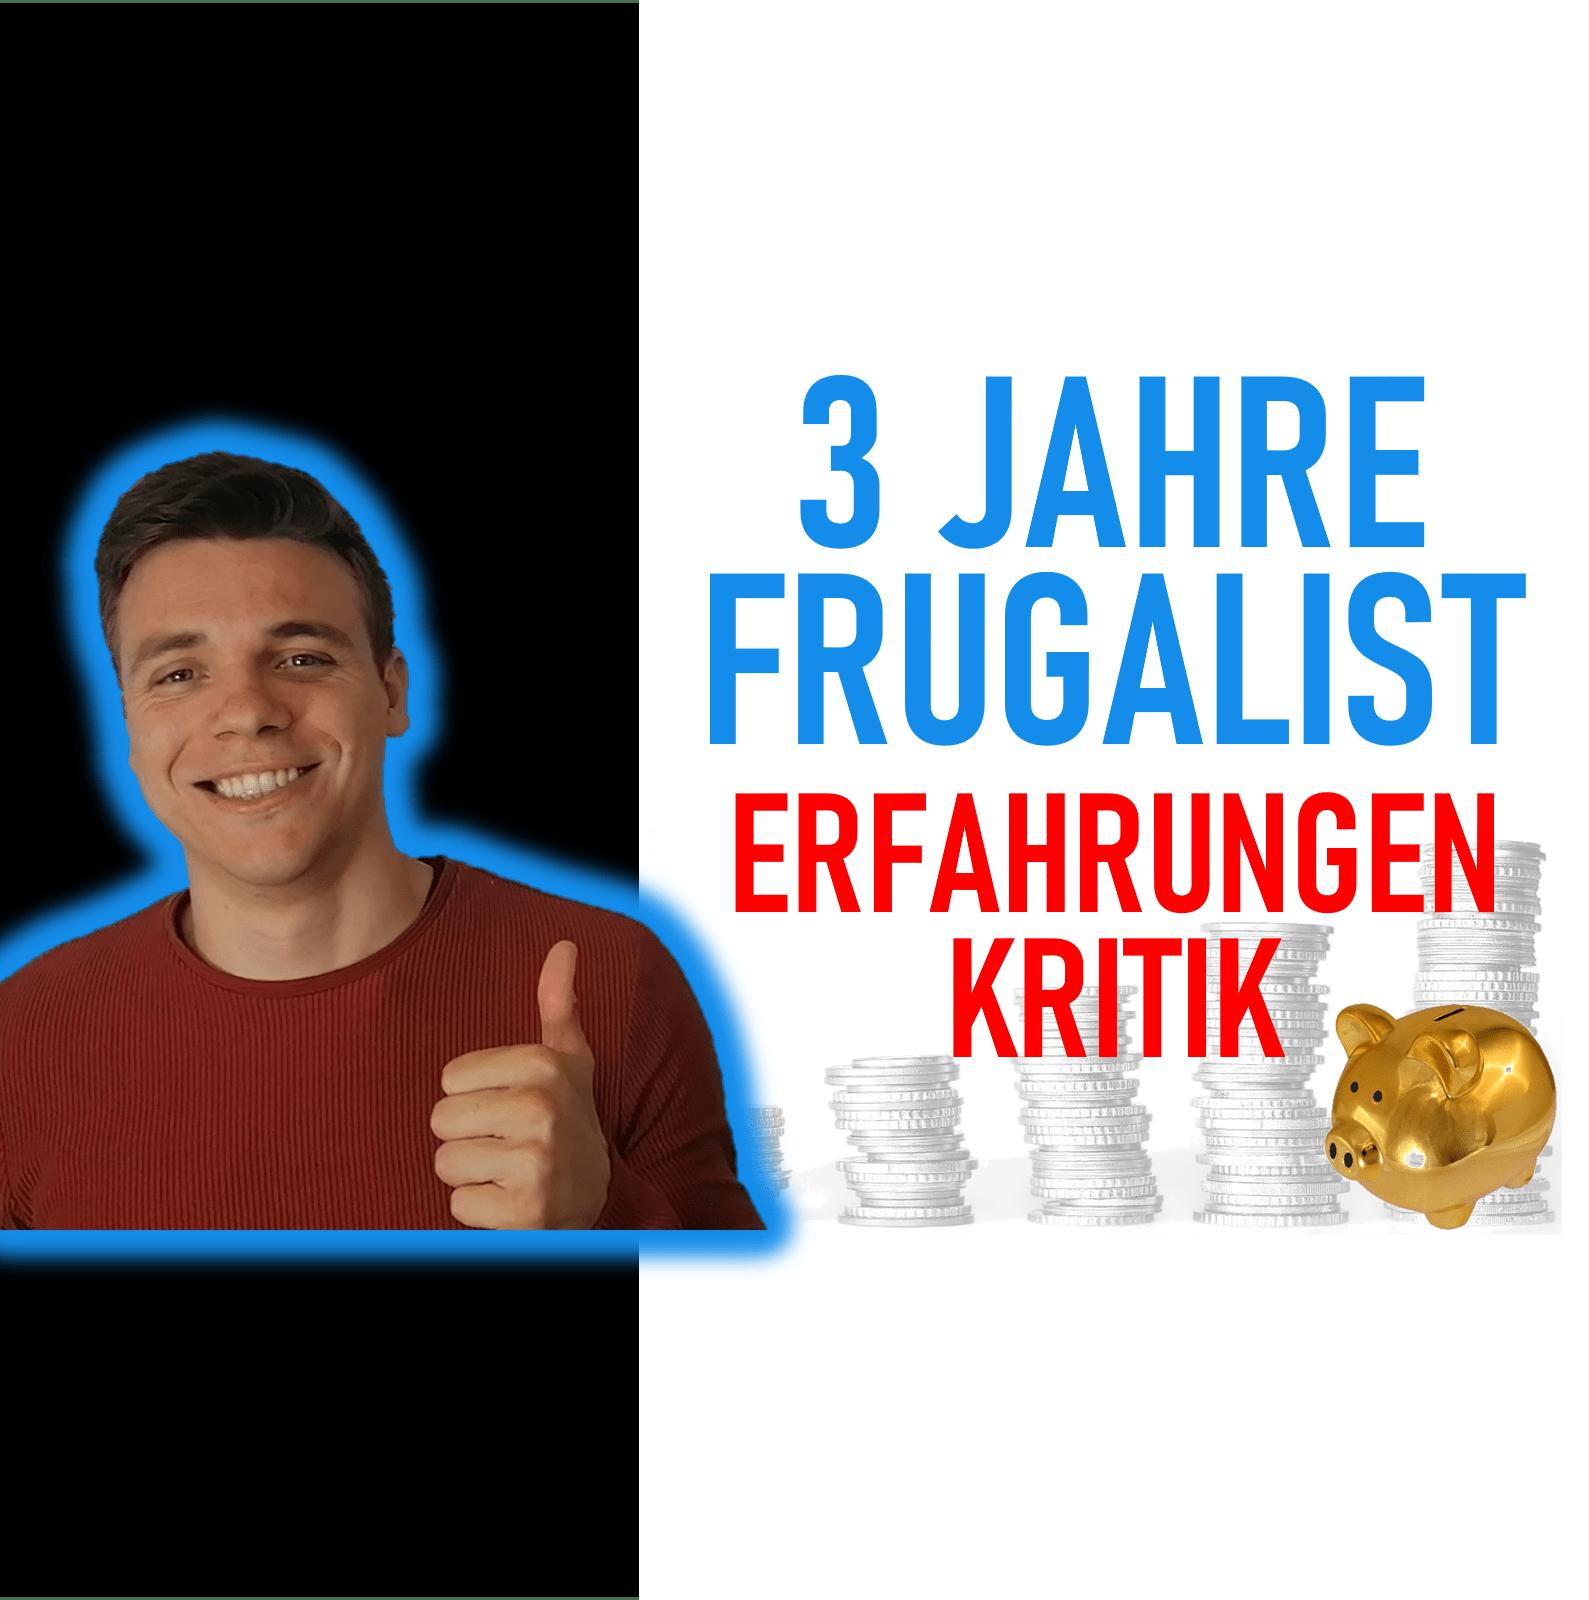 You are currently viewing 3 Jahre Frugalismus: Ist Frugalismus wirklich sinnvoll? Meine Erfahrungen!